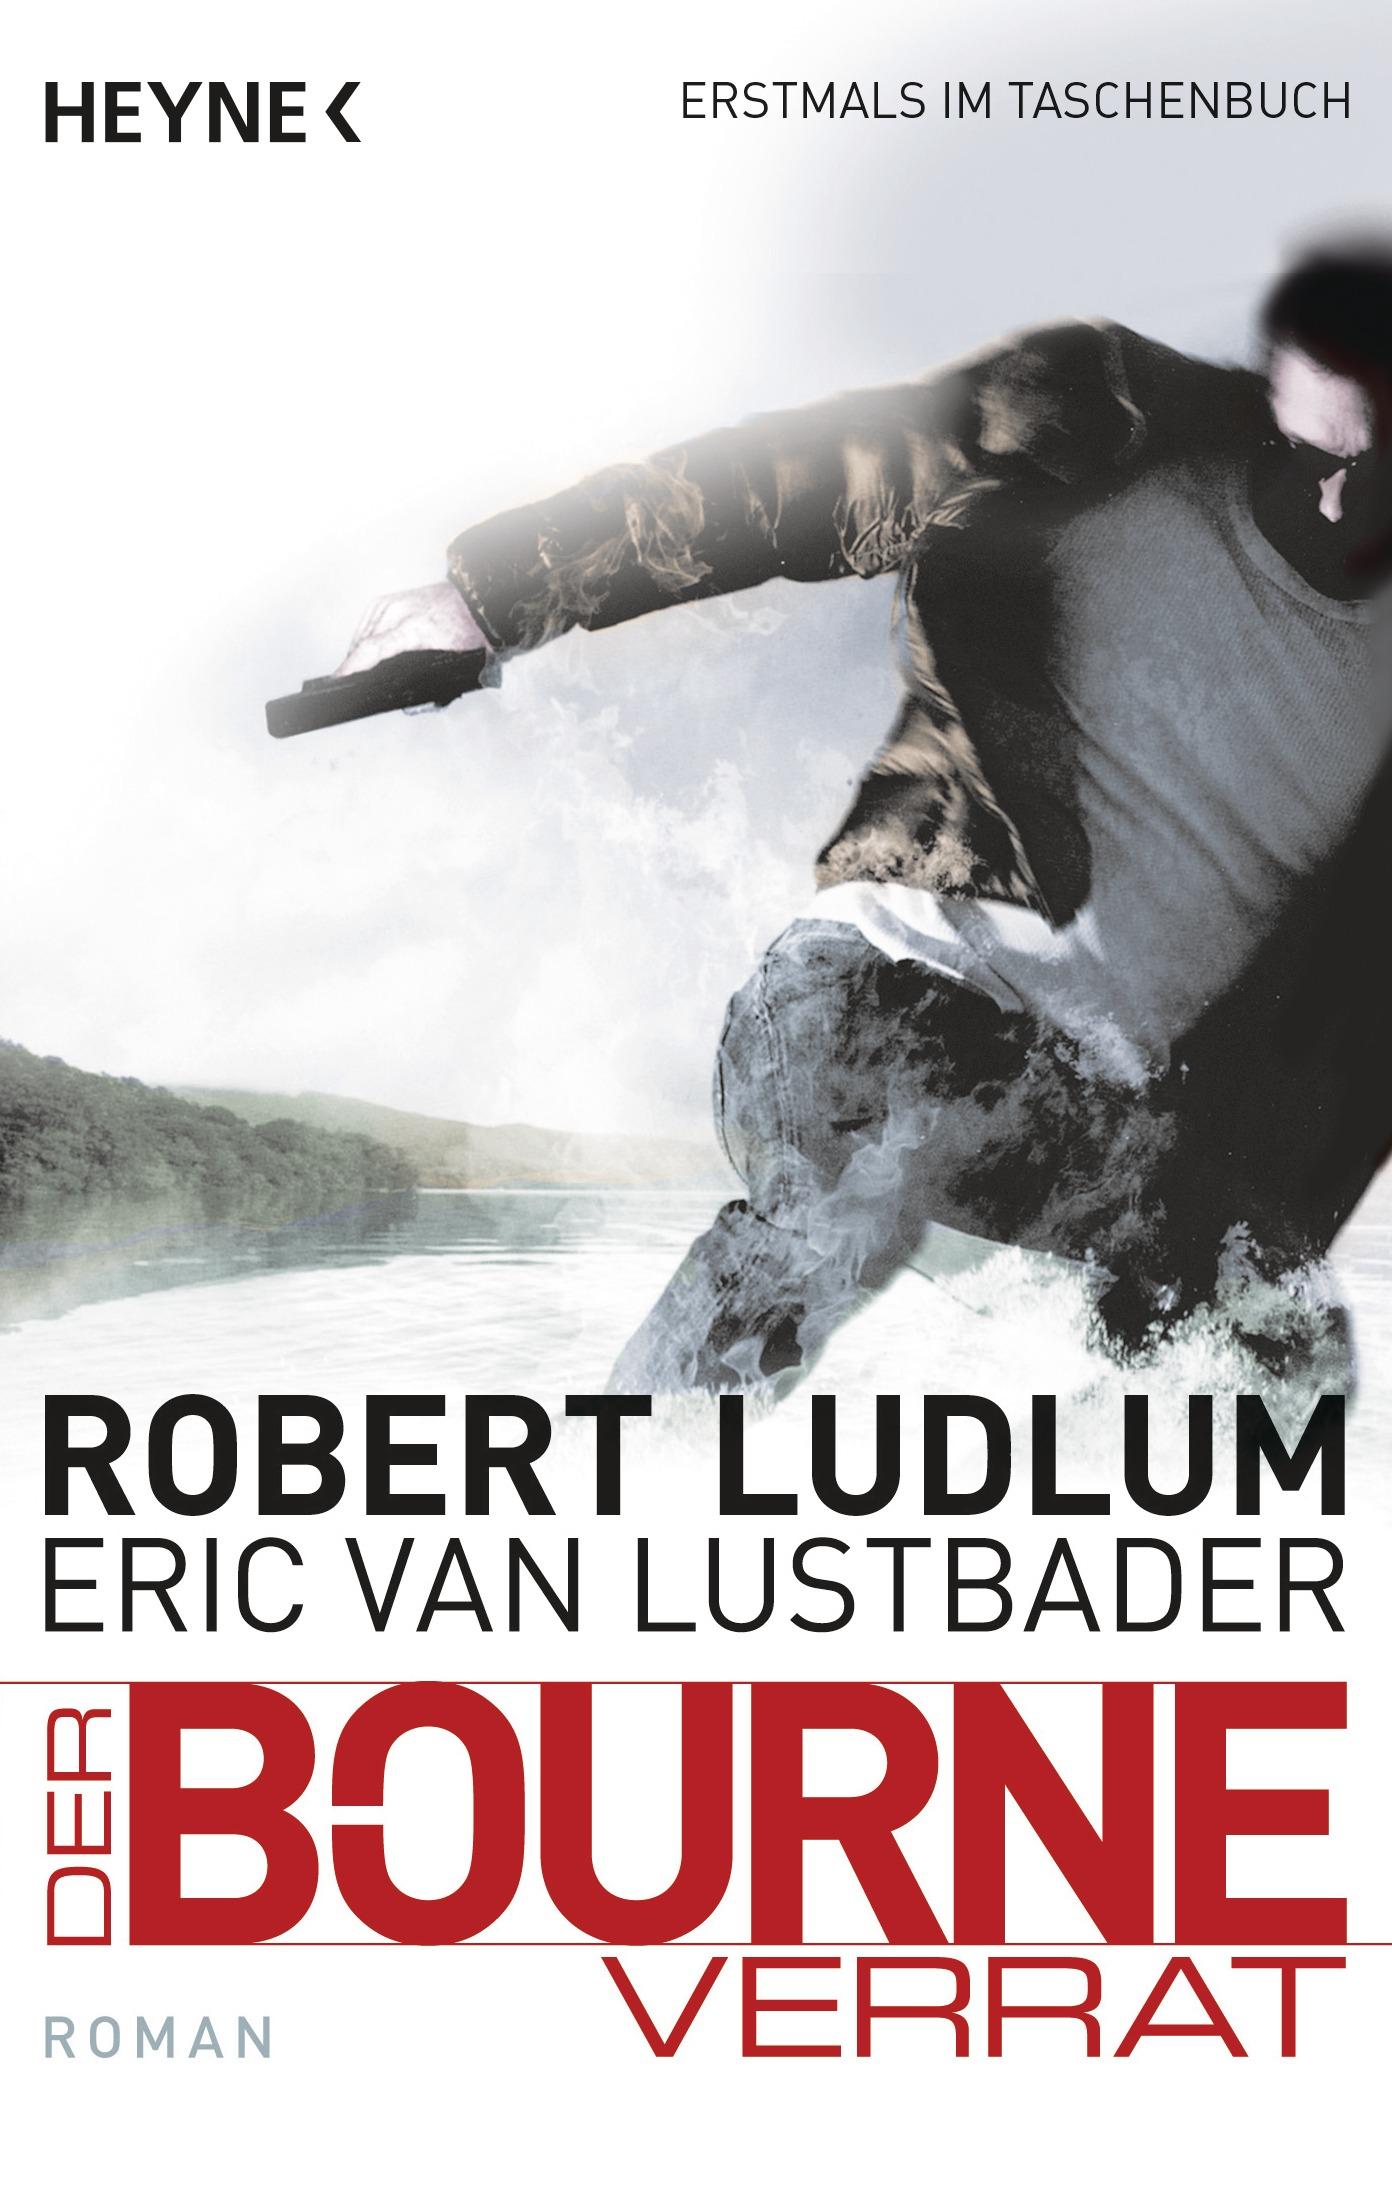 Jason Bourne: Band 10 - Der Bourne Verrat - Robert Ludlum